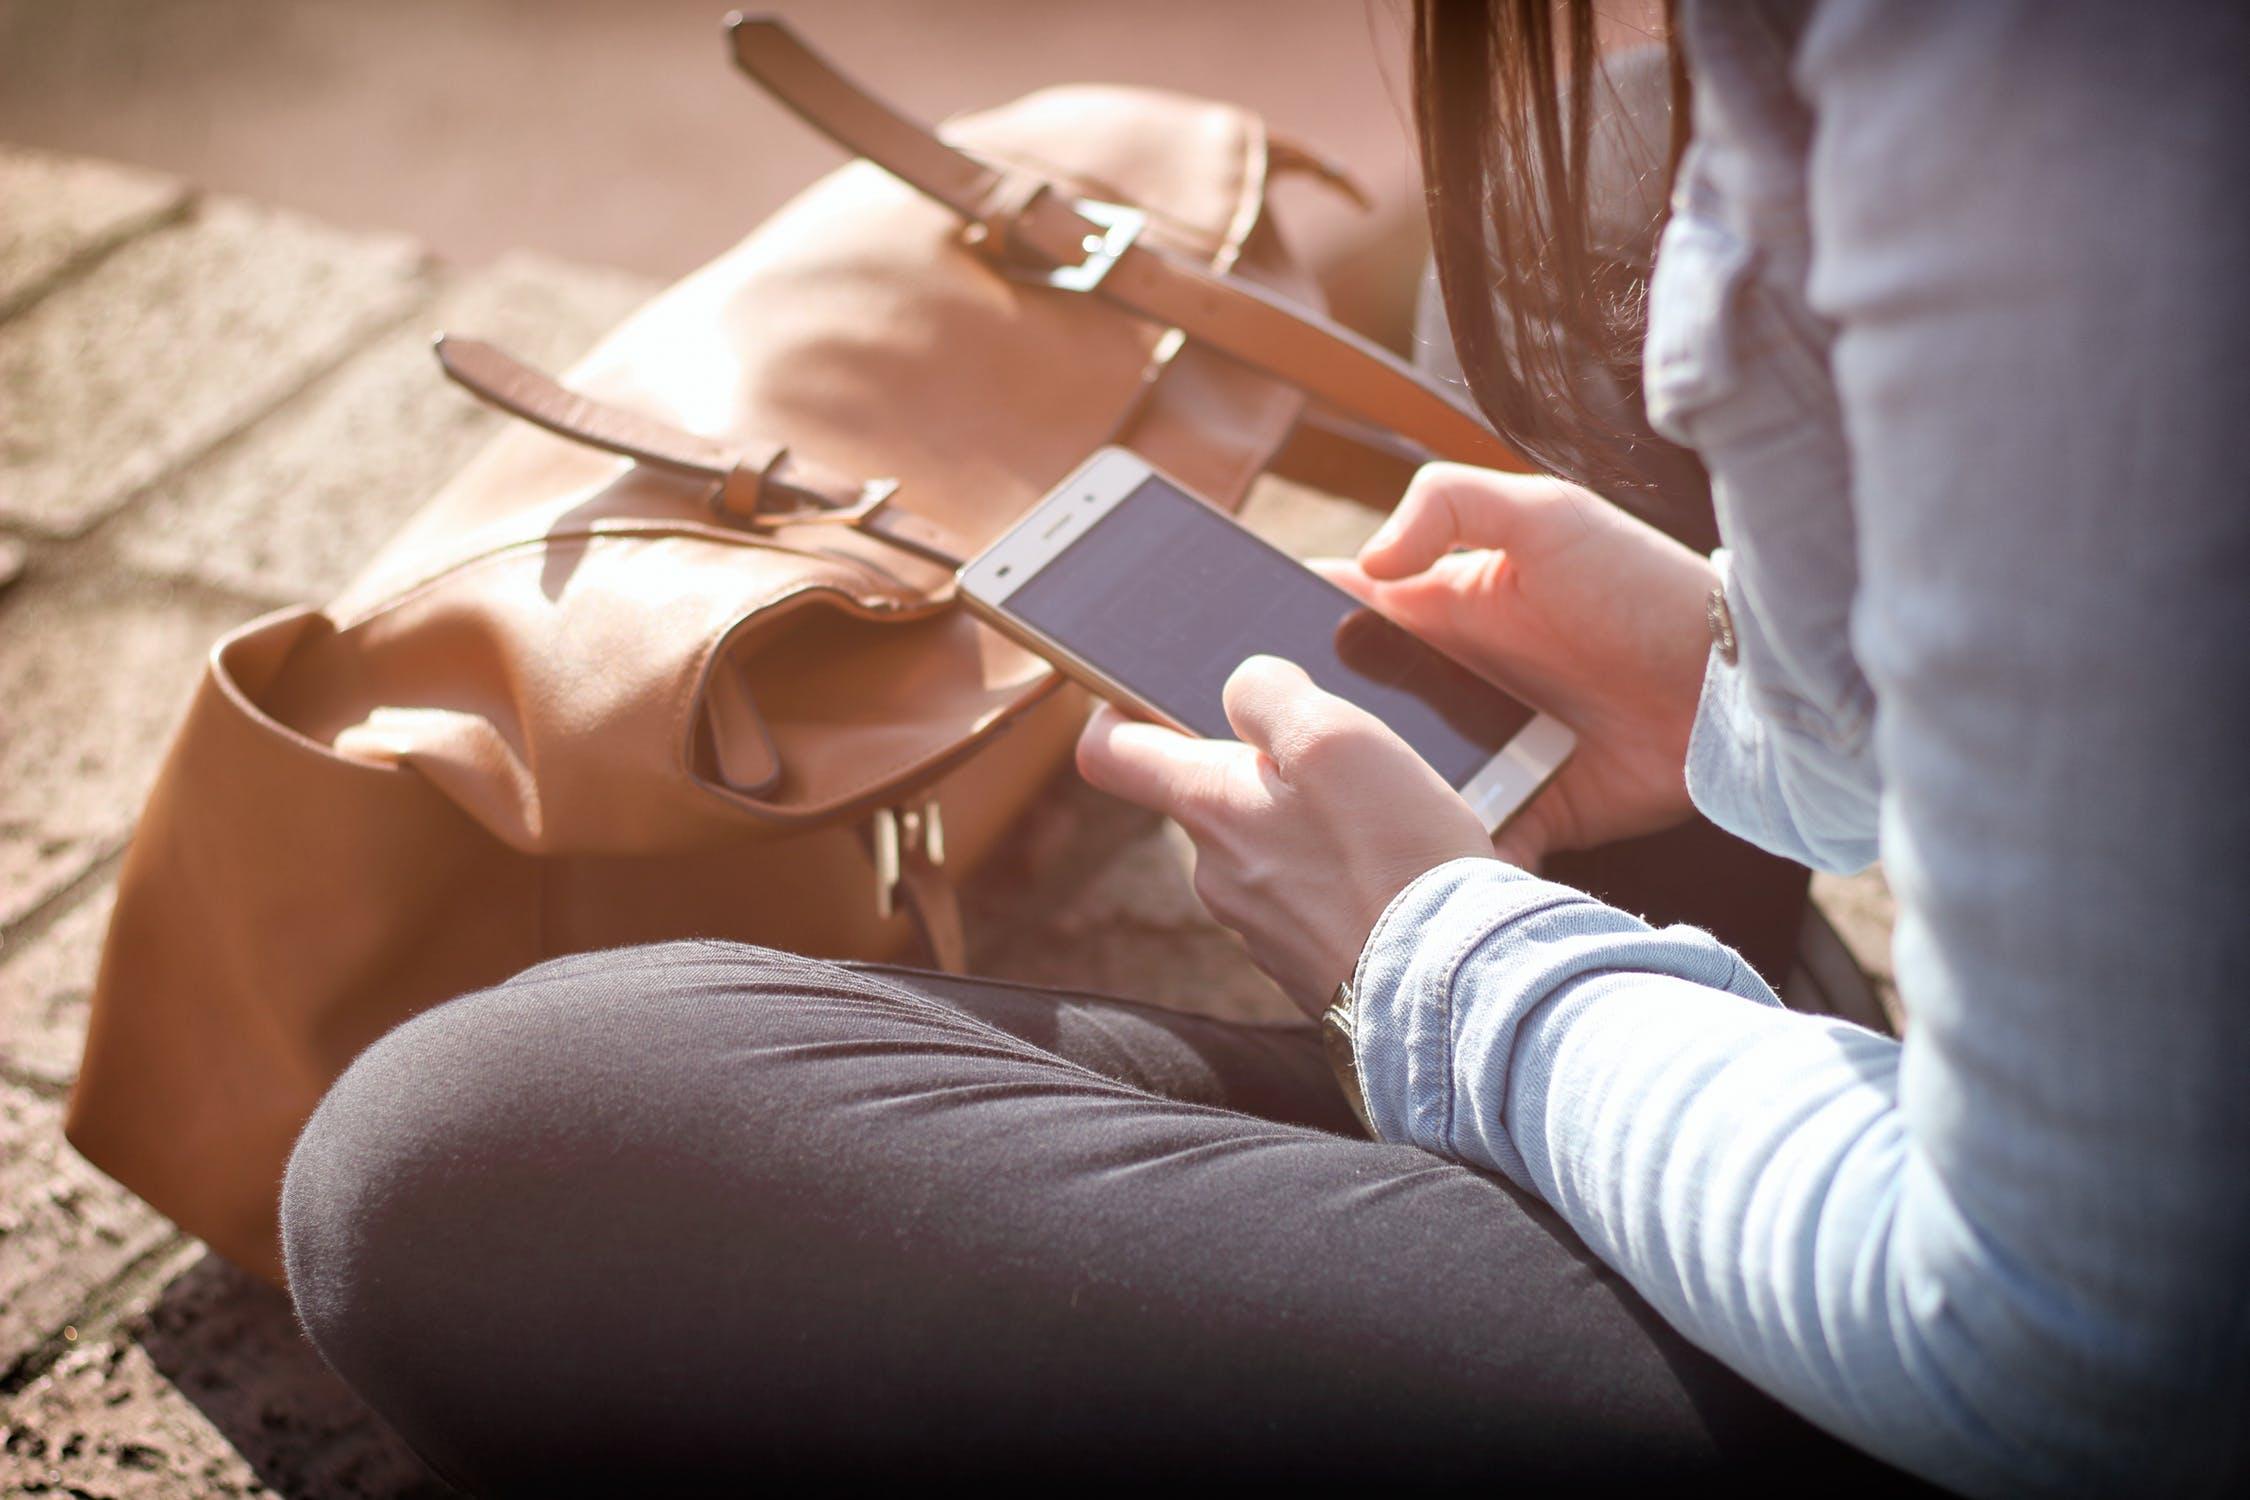 Топ недорогих смартфонов, которые неожиданно хороши - смартфон в руках